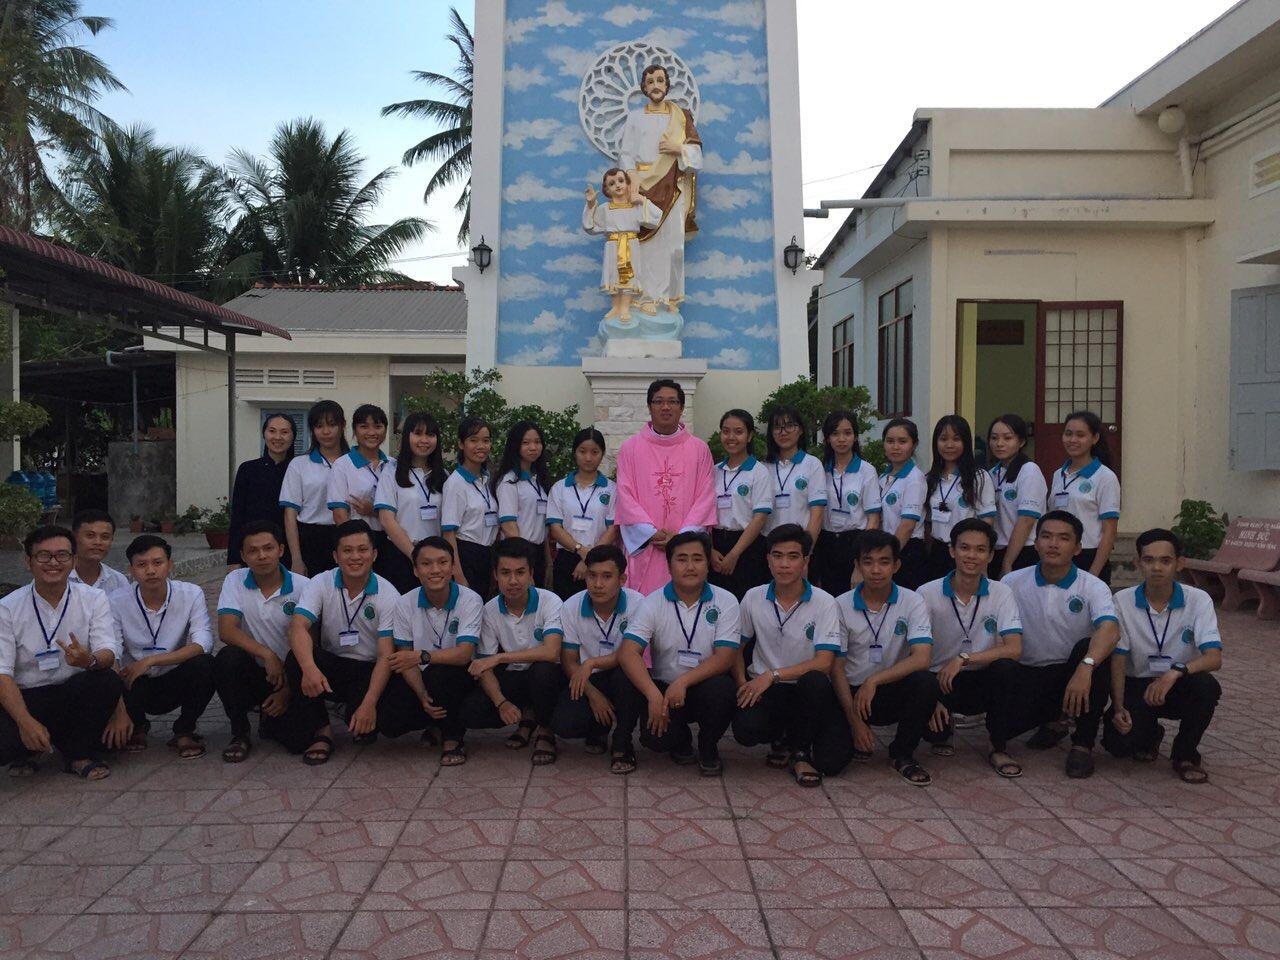 Nhóm sinh viên Công giáo và dự tu tỉnh Trà Vinh - tĩnh tâm Mùa Chay 2019